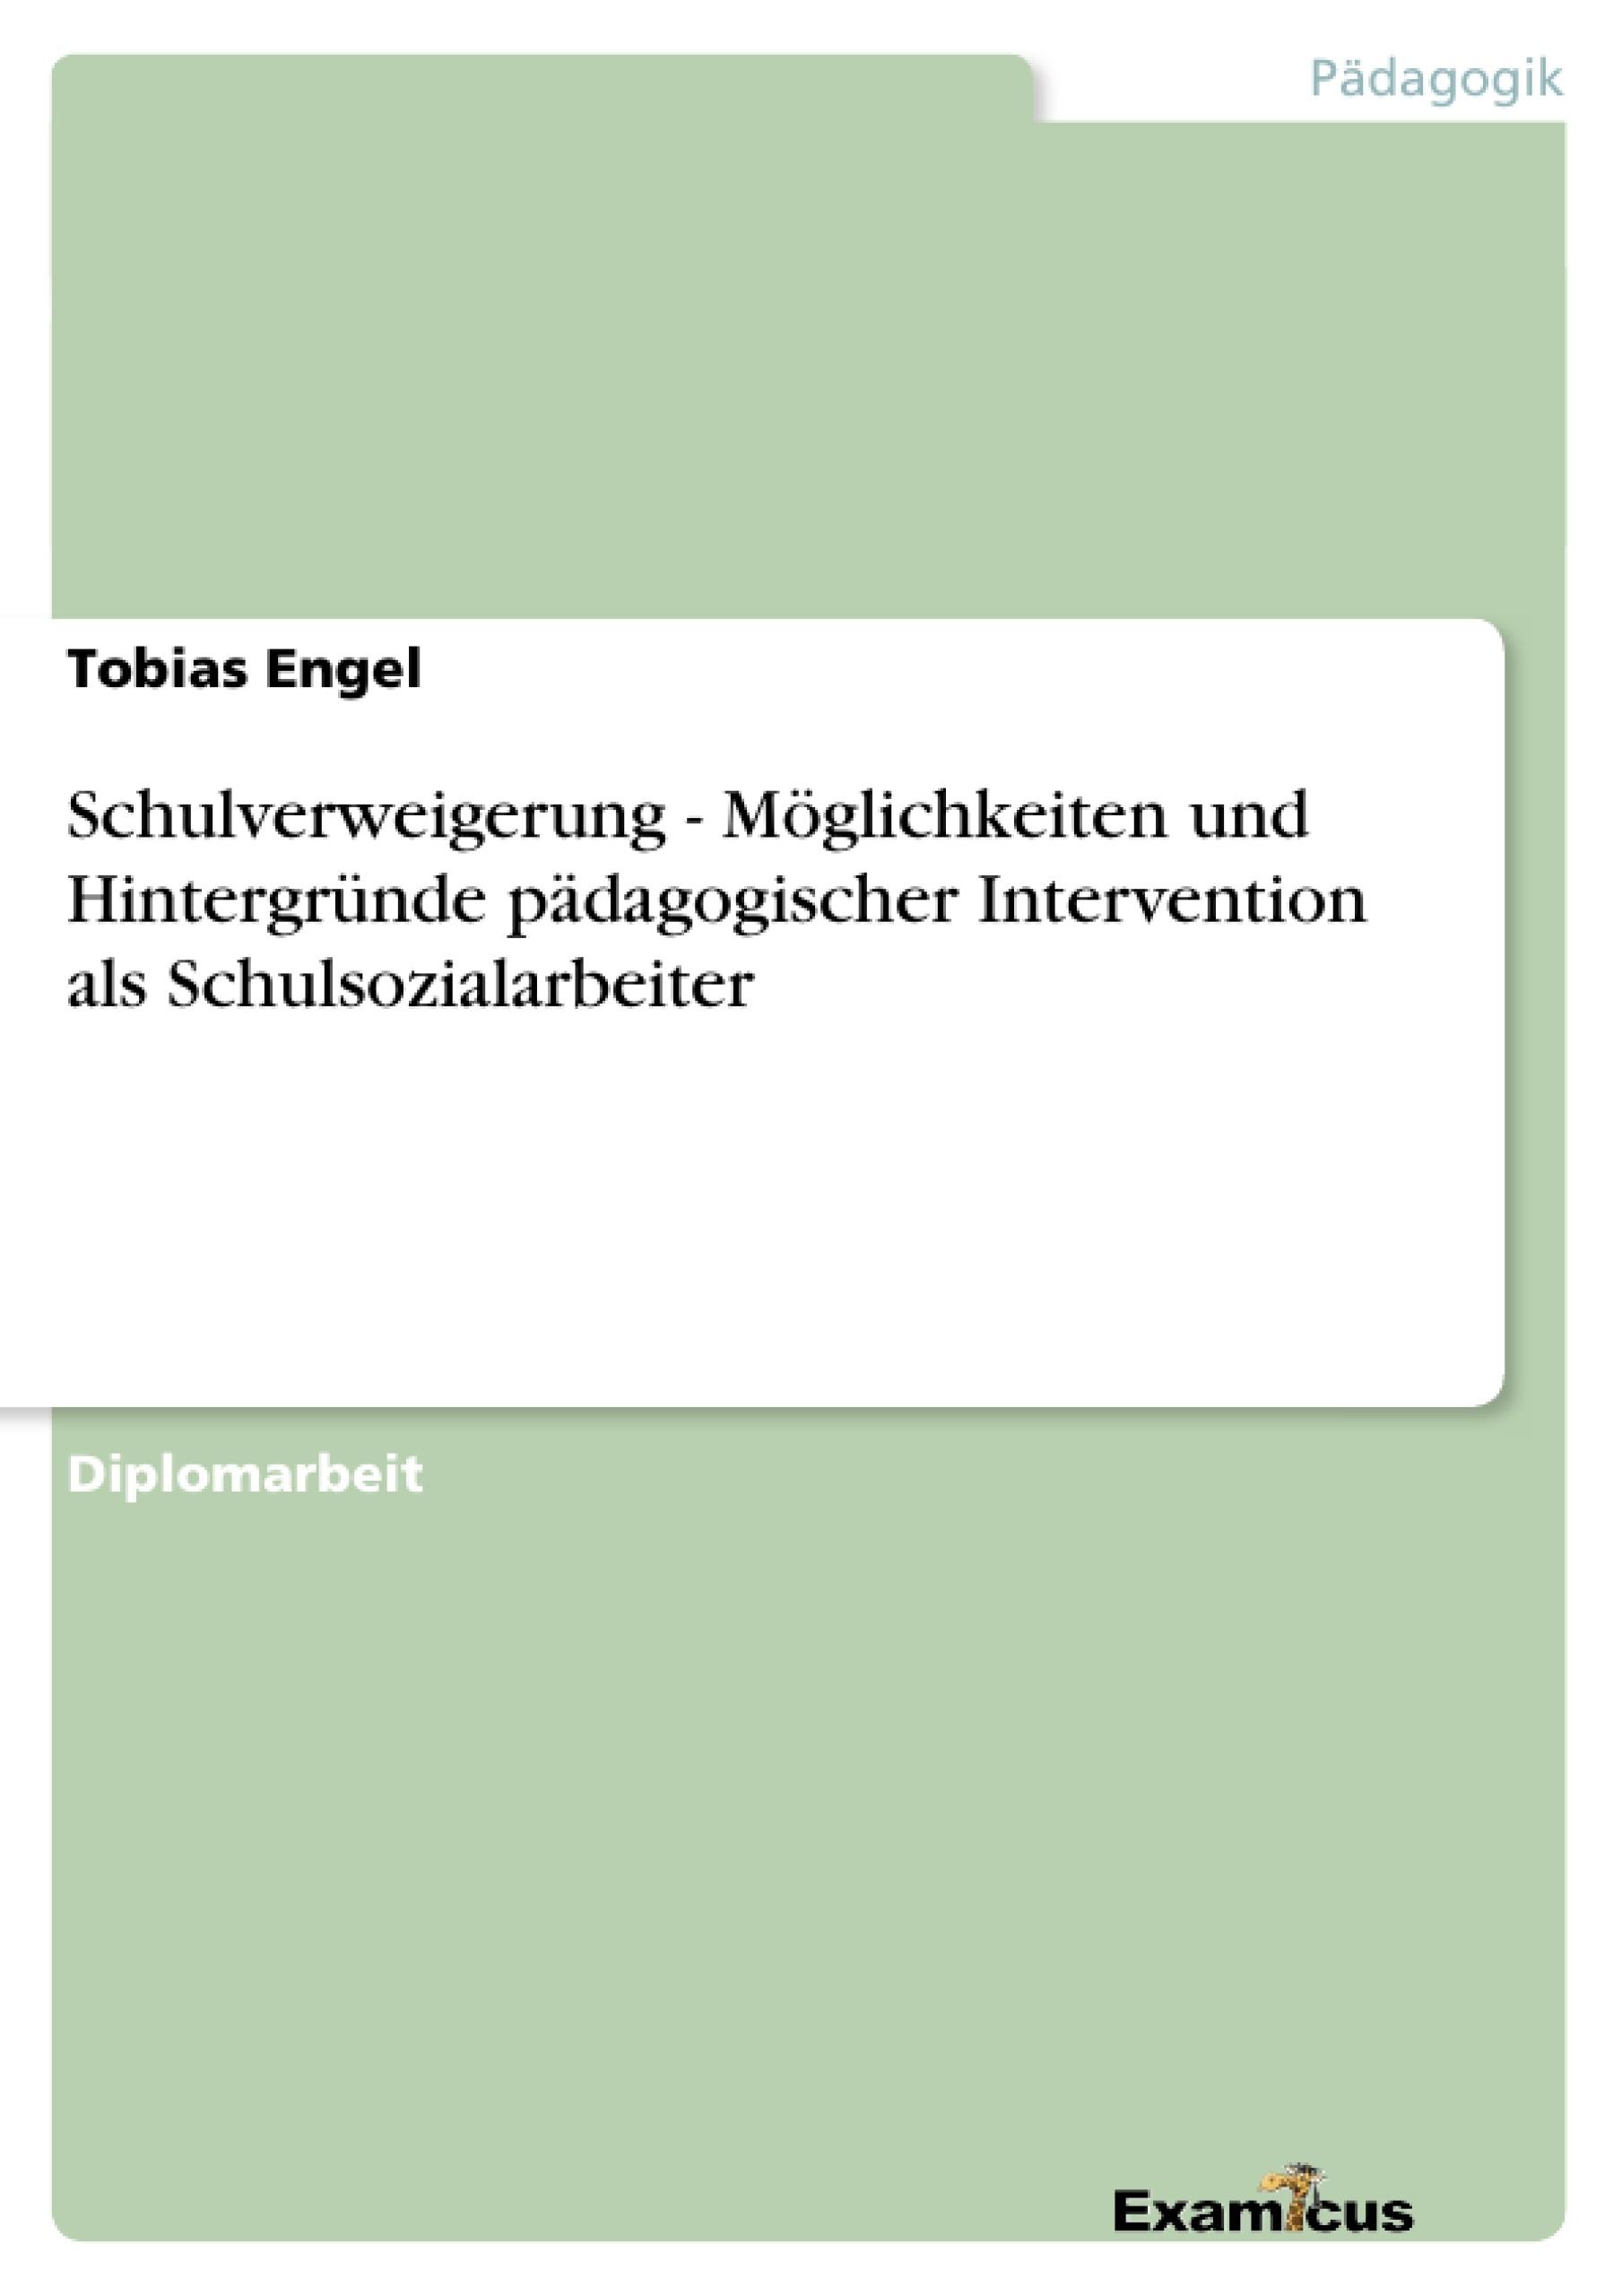 Titel: Schulverweigerung - Möglichkeiten und Hintergründe pädagogischer Intervention als Schulsozialarbeiter